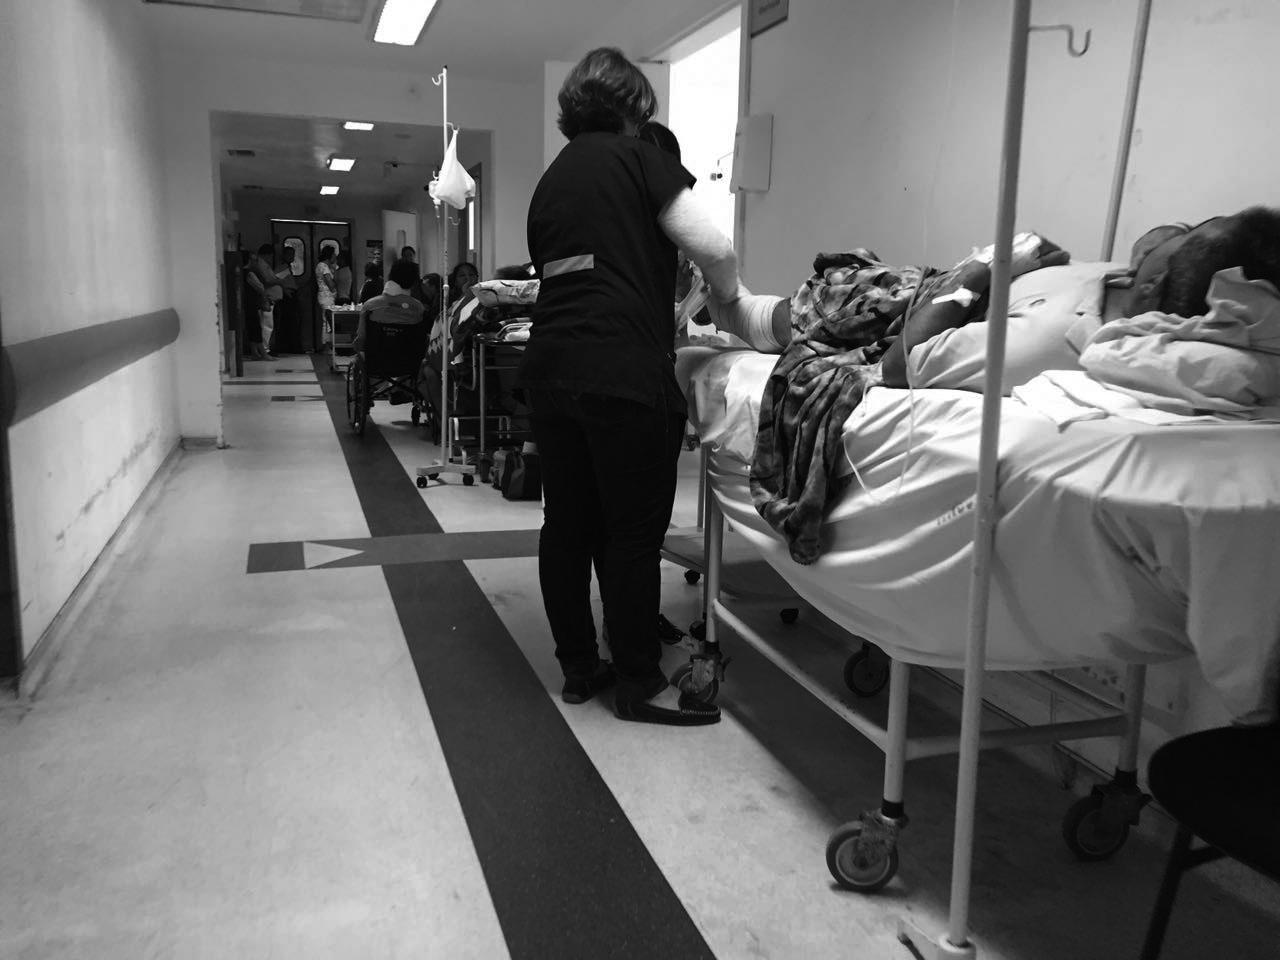 Macas nos corredores, emergência lotadas, equipamentos quebrados, falta de pessoal e até de medicamentos fazem    parte do drama diário nos hospitais que atendem pelo SUS - Brunela Maria/ND